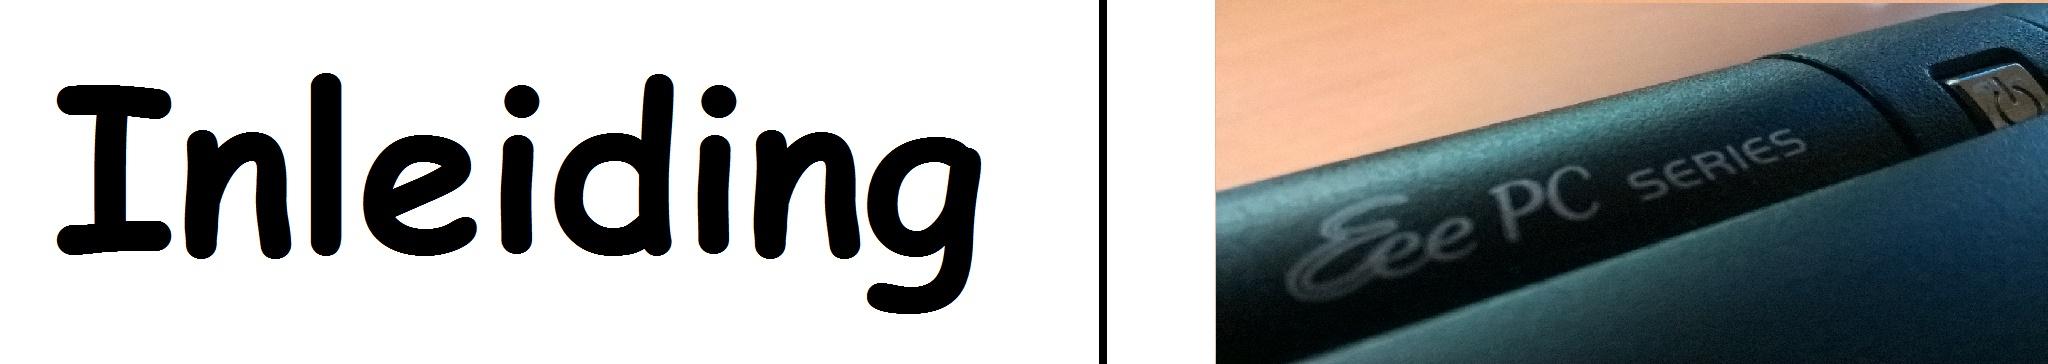 http://i.imgur.com/MOGsIqs.jpg